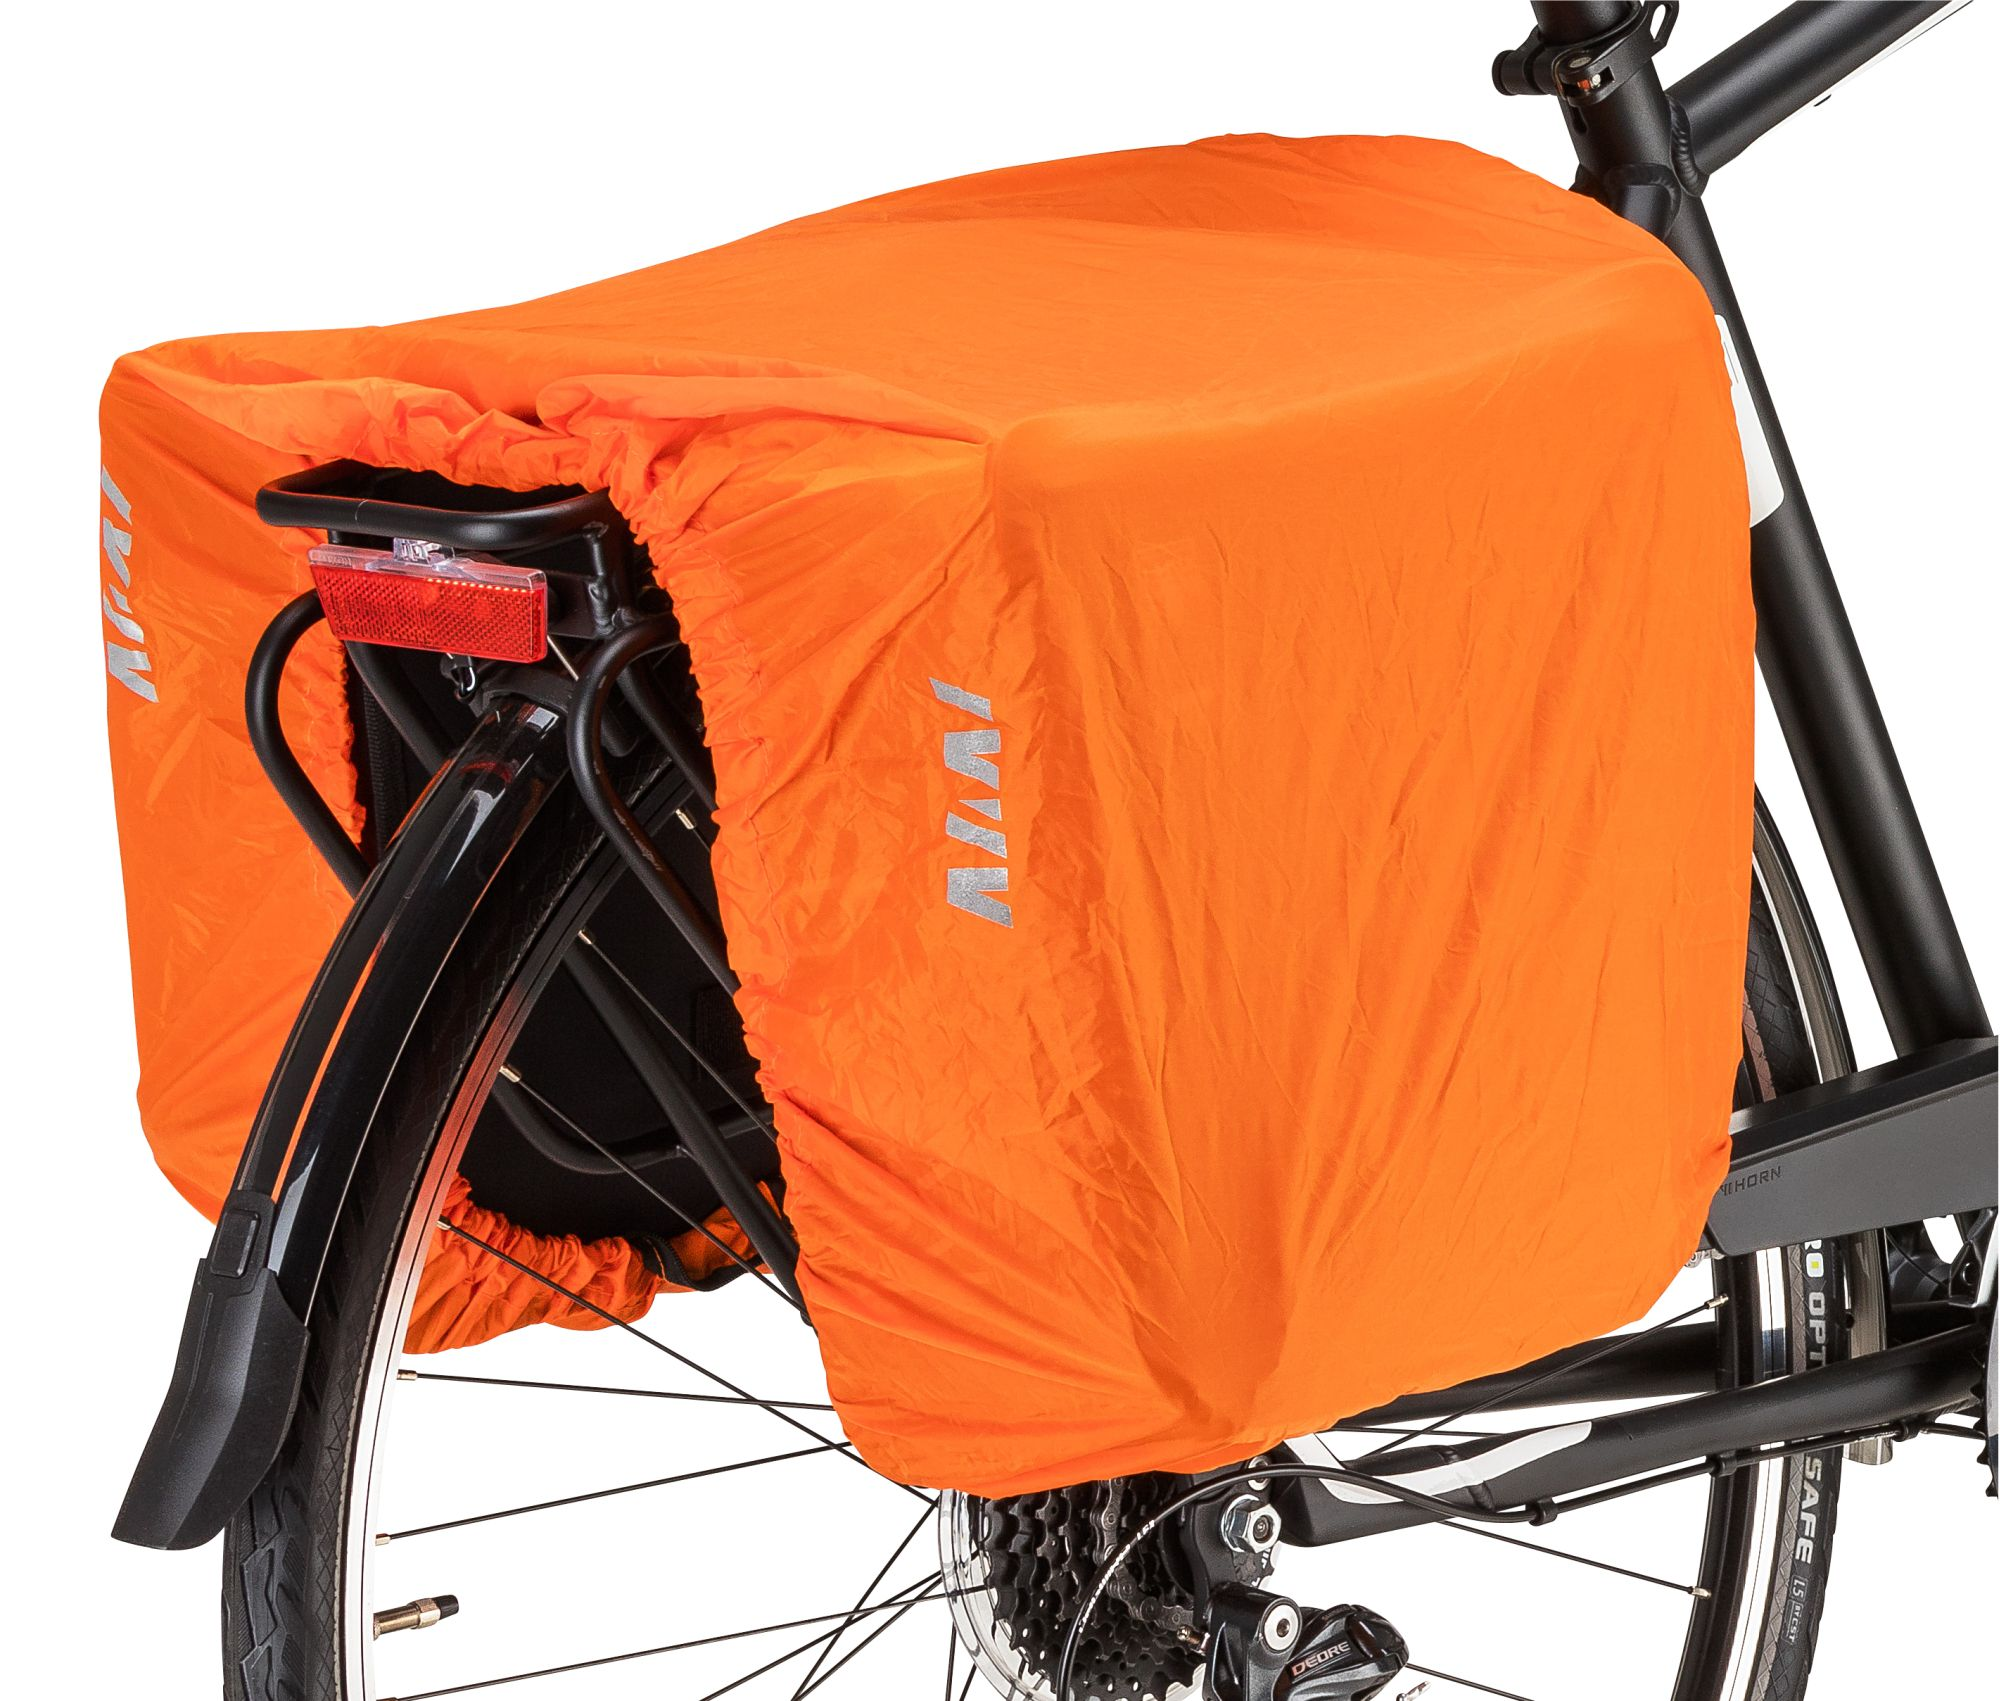 zubehör taschen/Koffer & Körbe: Northwind  Regenschutzhülle für Doppelpacktasche Rain Cover Double Bag